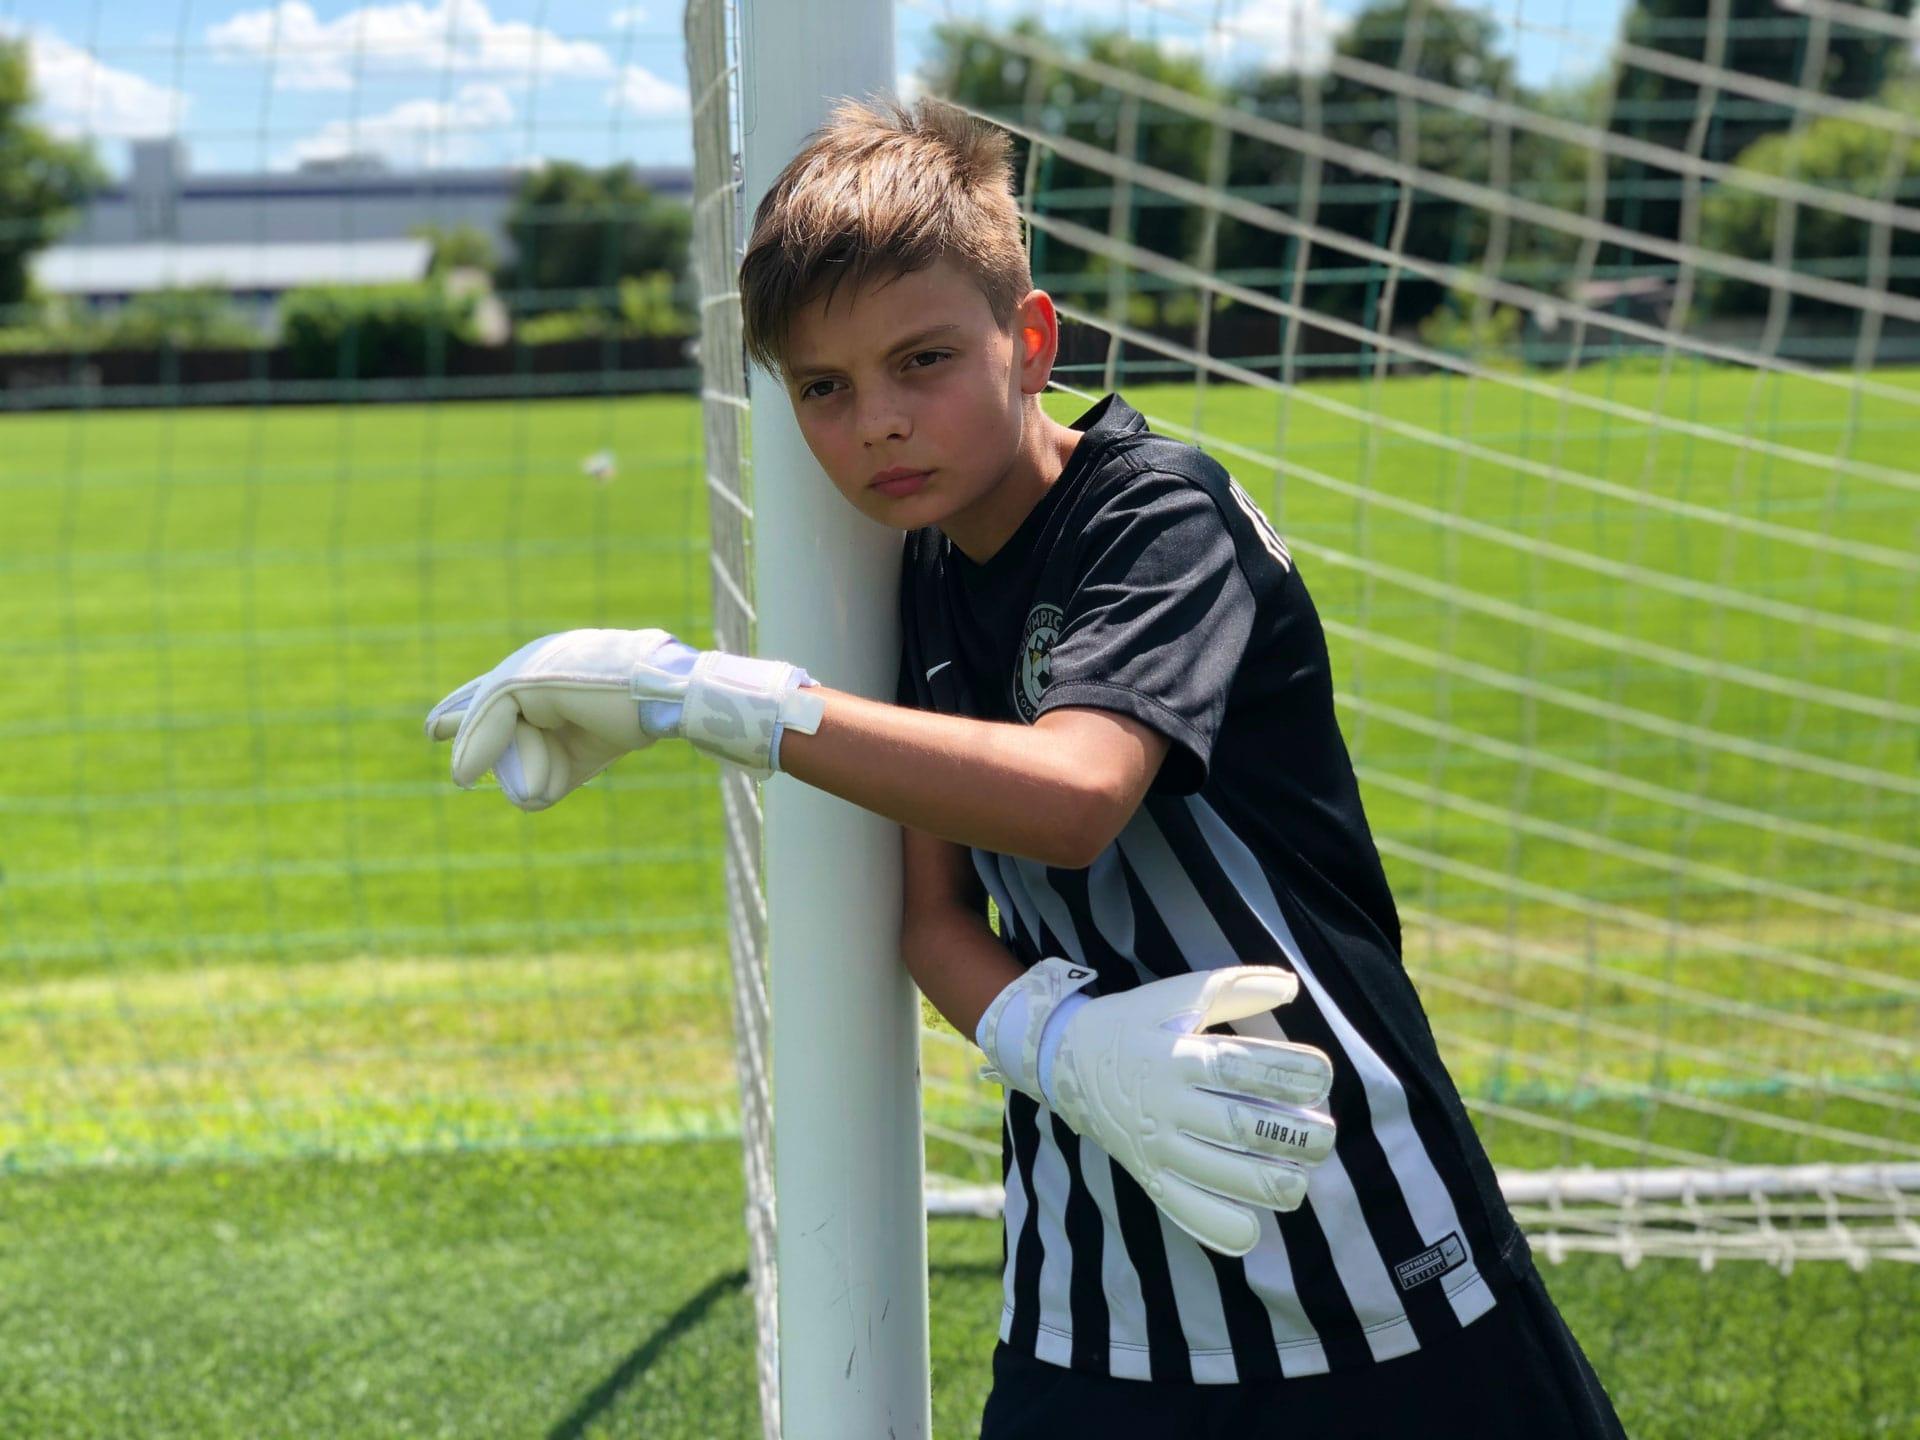 Дитячі воротарські рукавиці Brave REFLEX RF NEGATIVE офіційний інтернет магазин Brave GK